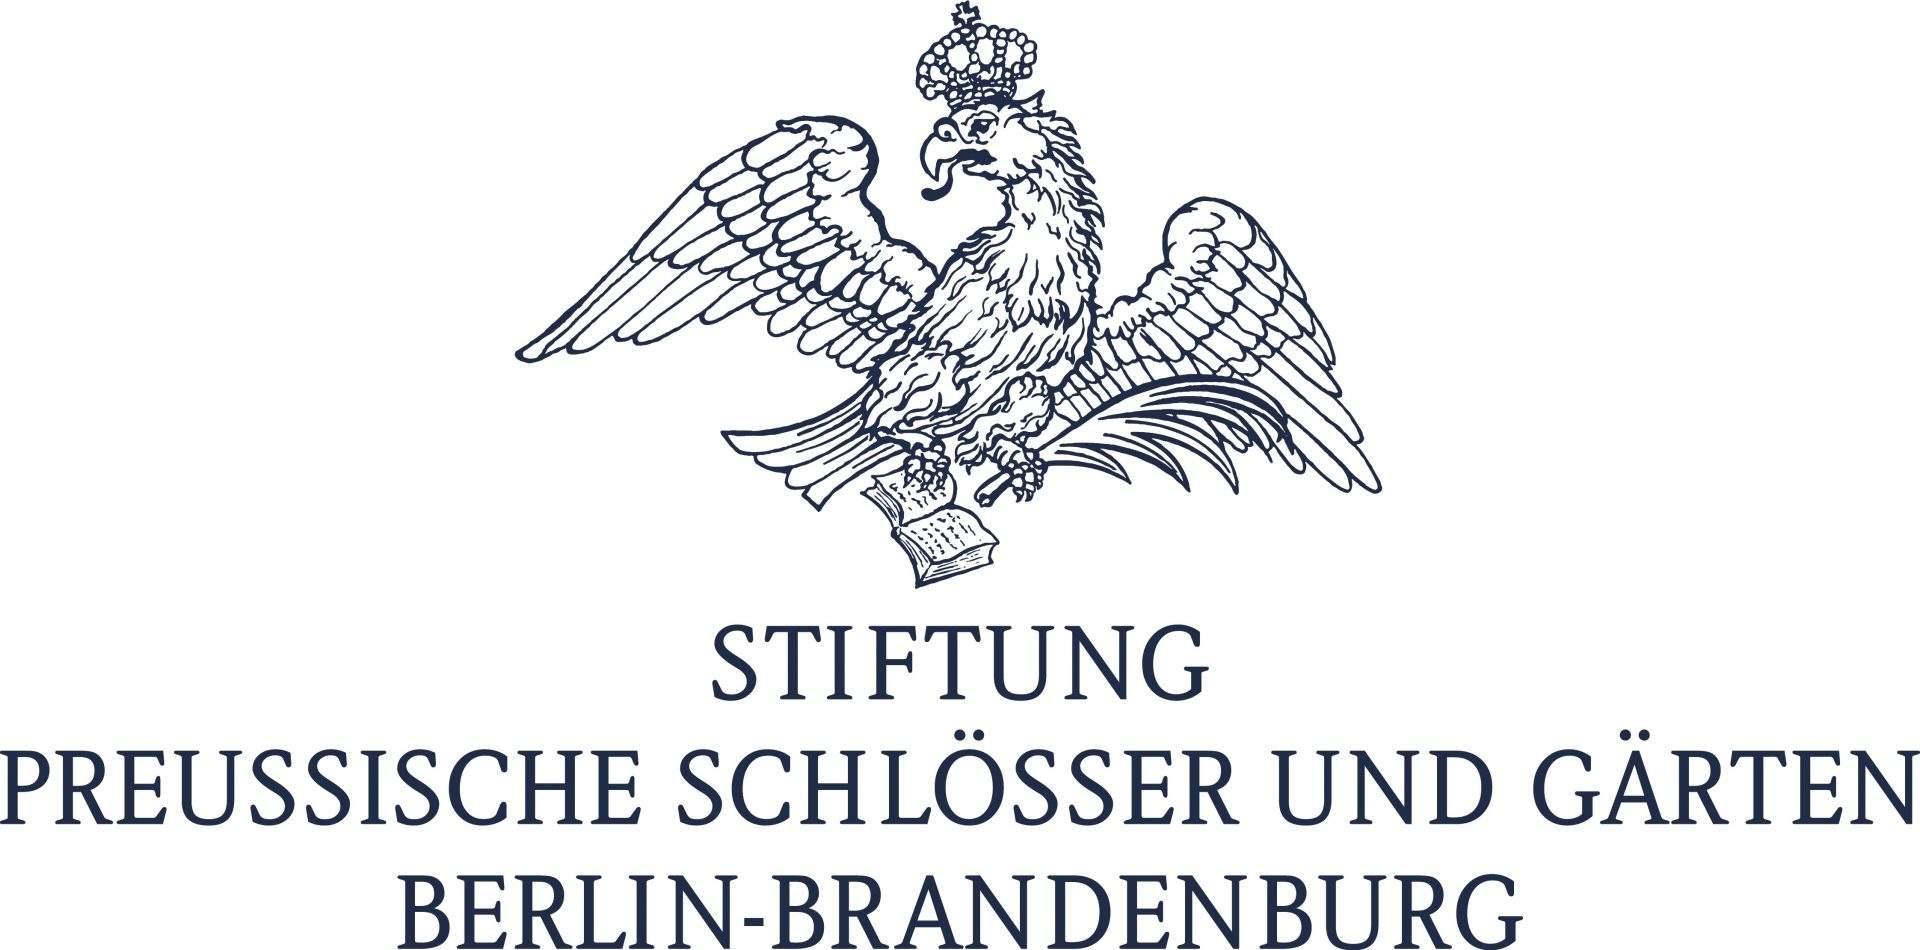 stiftung preussische schloesser und gaerten berlin brandenburg